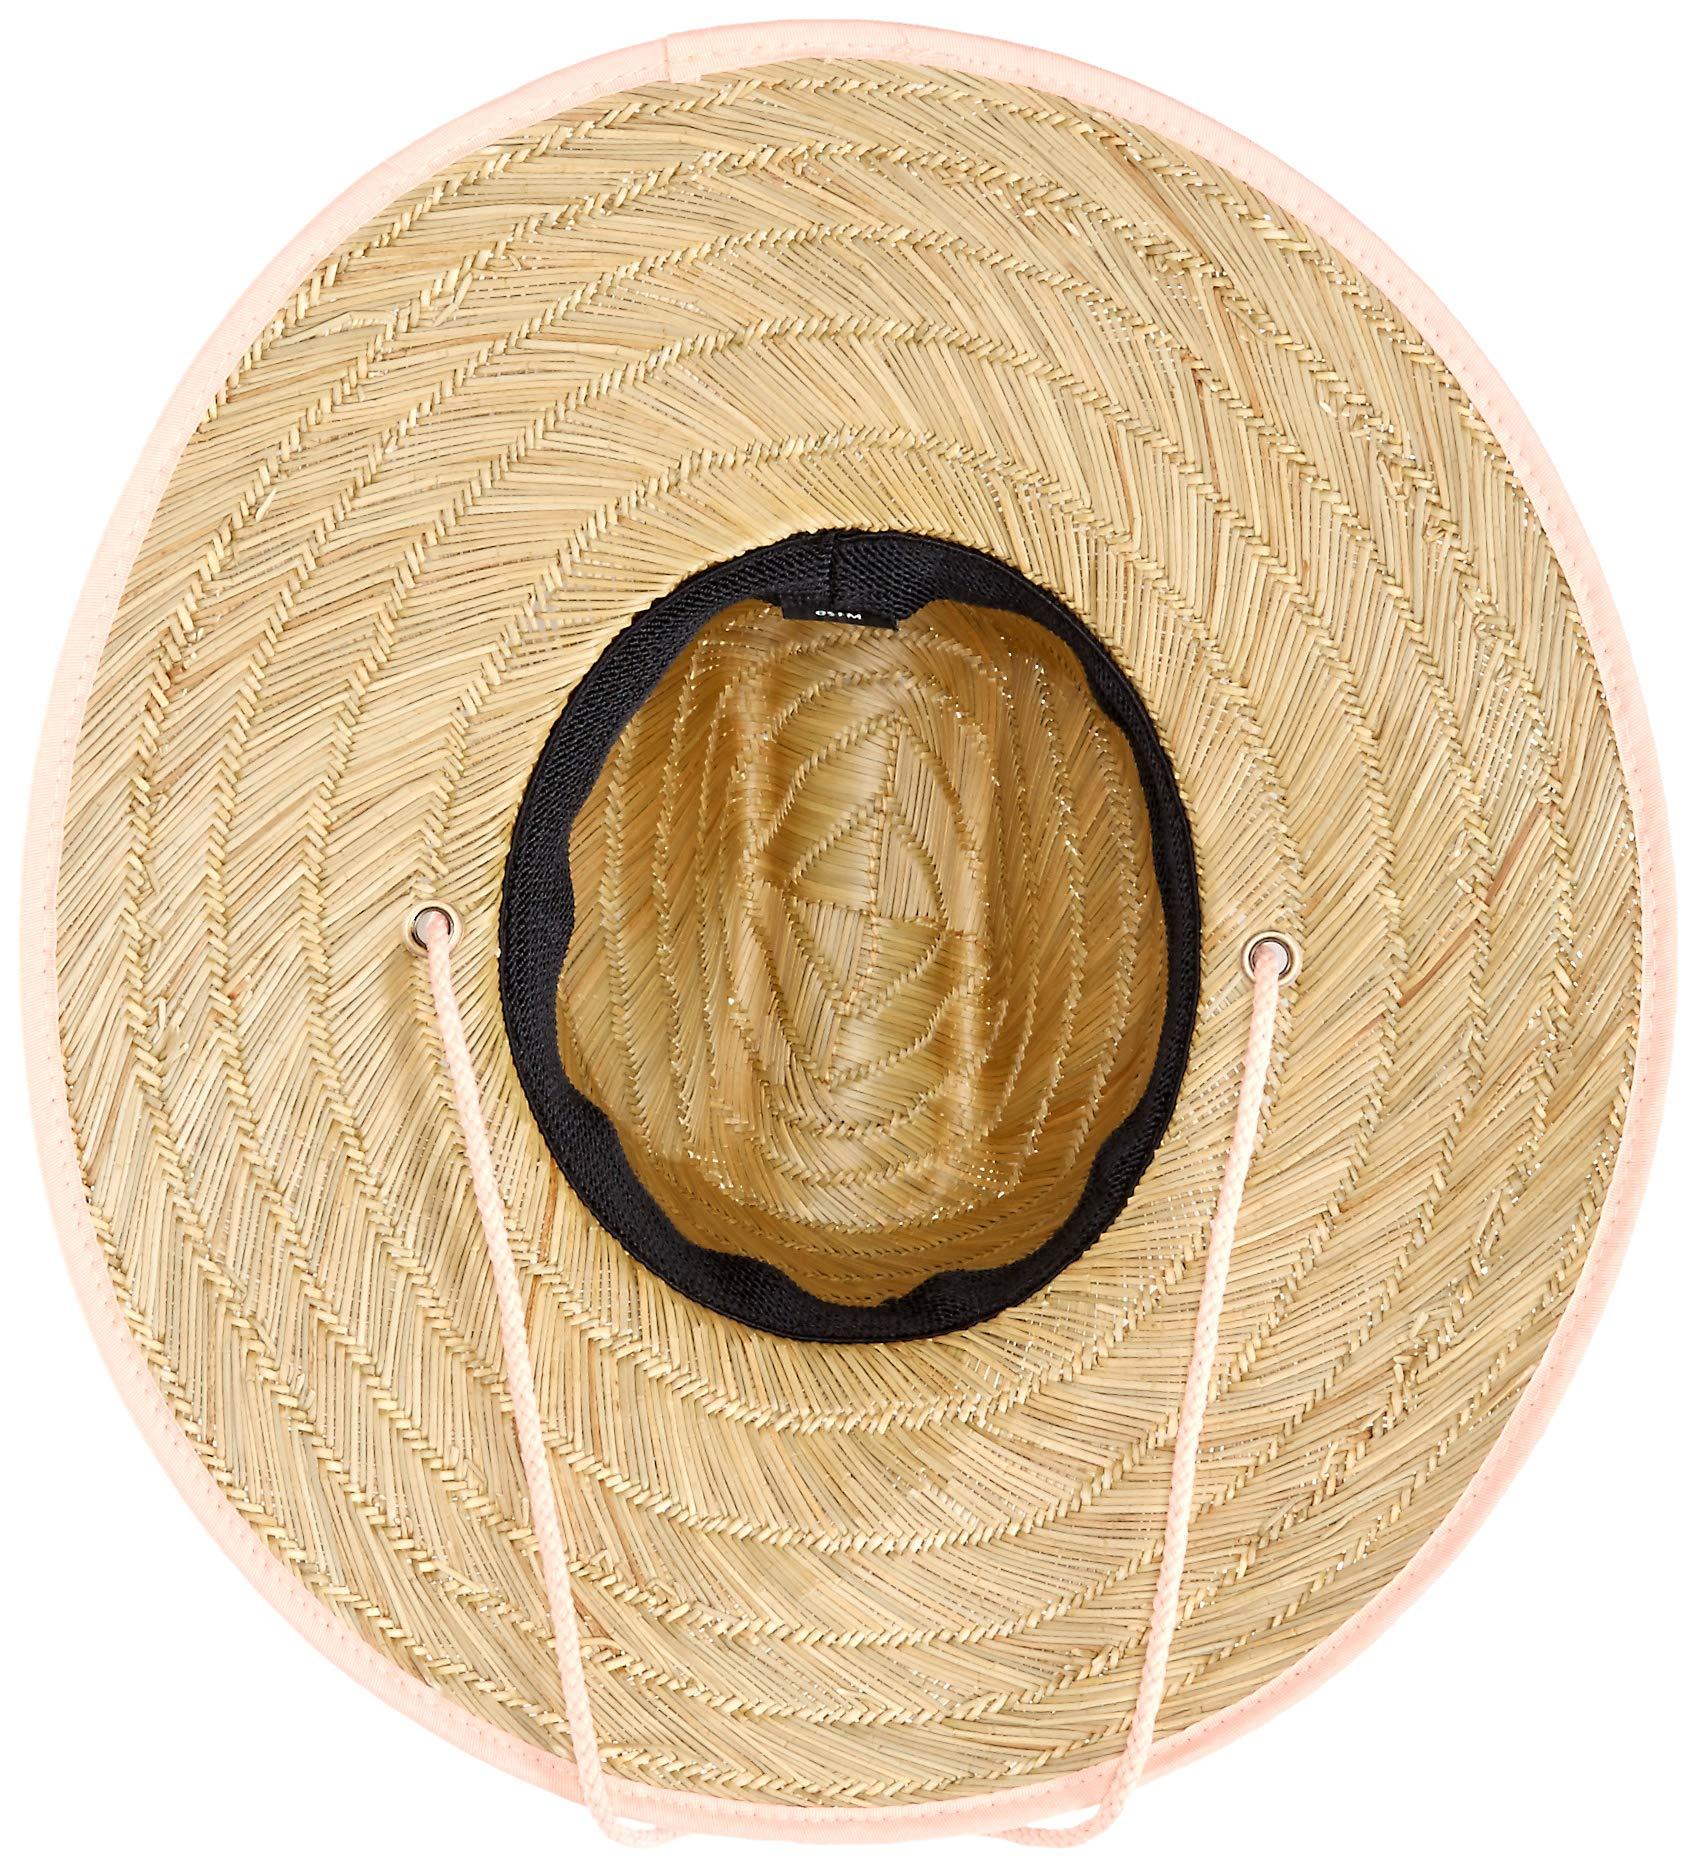 Roxy Little Tomboy Girl Sun HAT, Peach Bud, 1SZ by Roxy (Image #3)